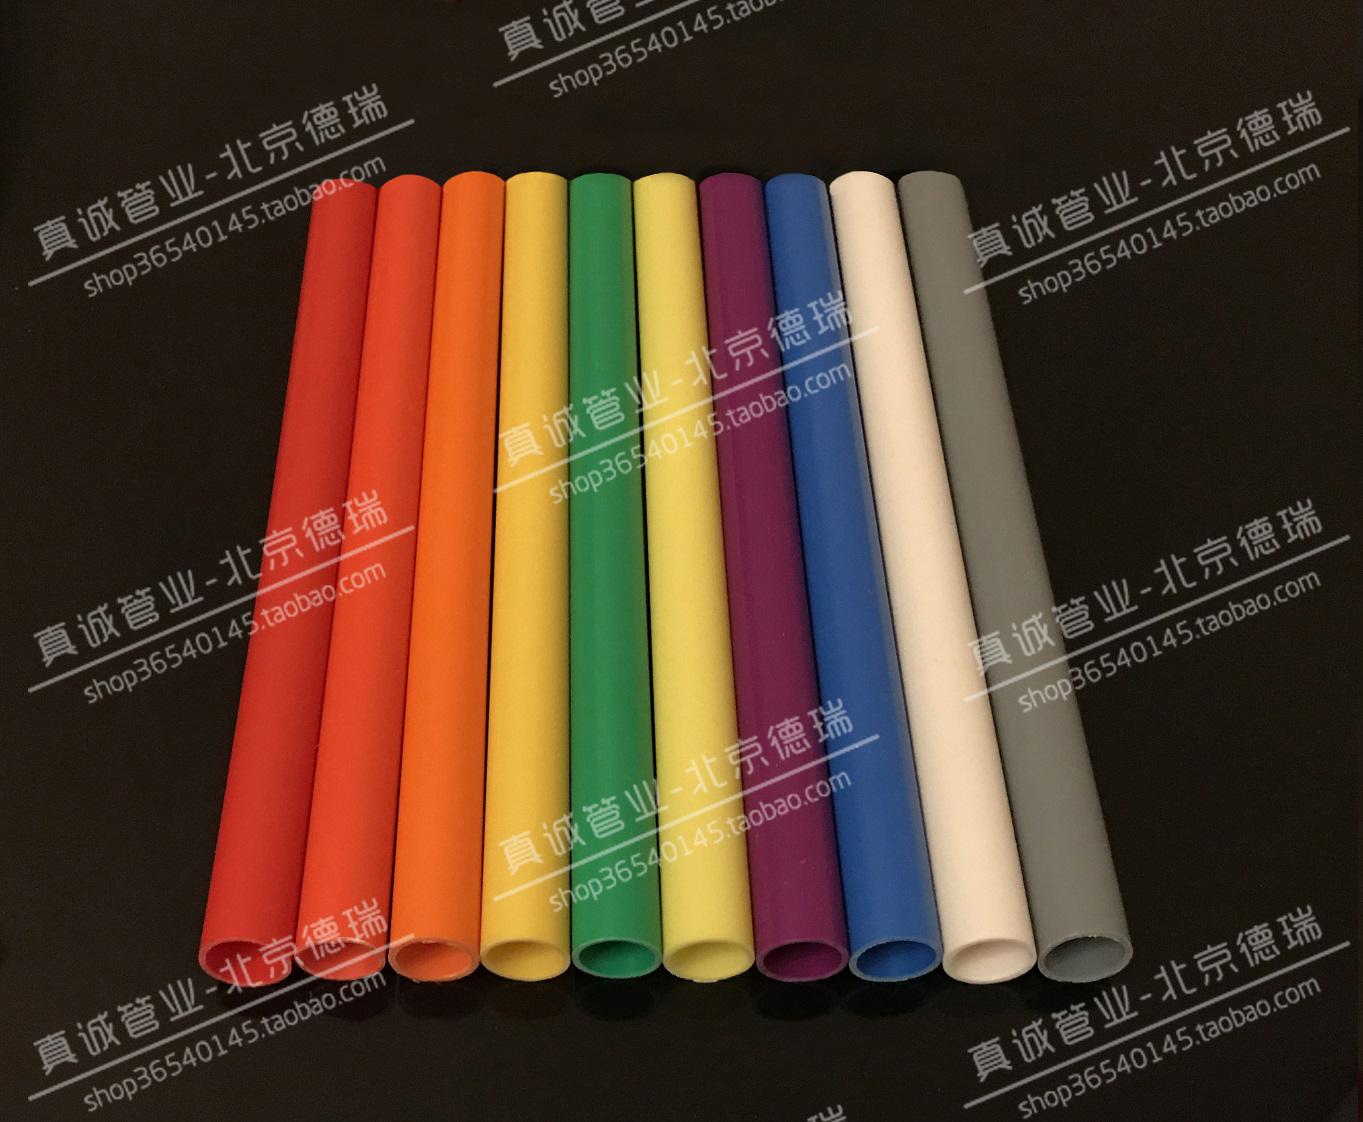 彩色穿线管 pvc 阻燃冷弯 定制打字Φ16厚1.2mm 120米/捆